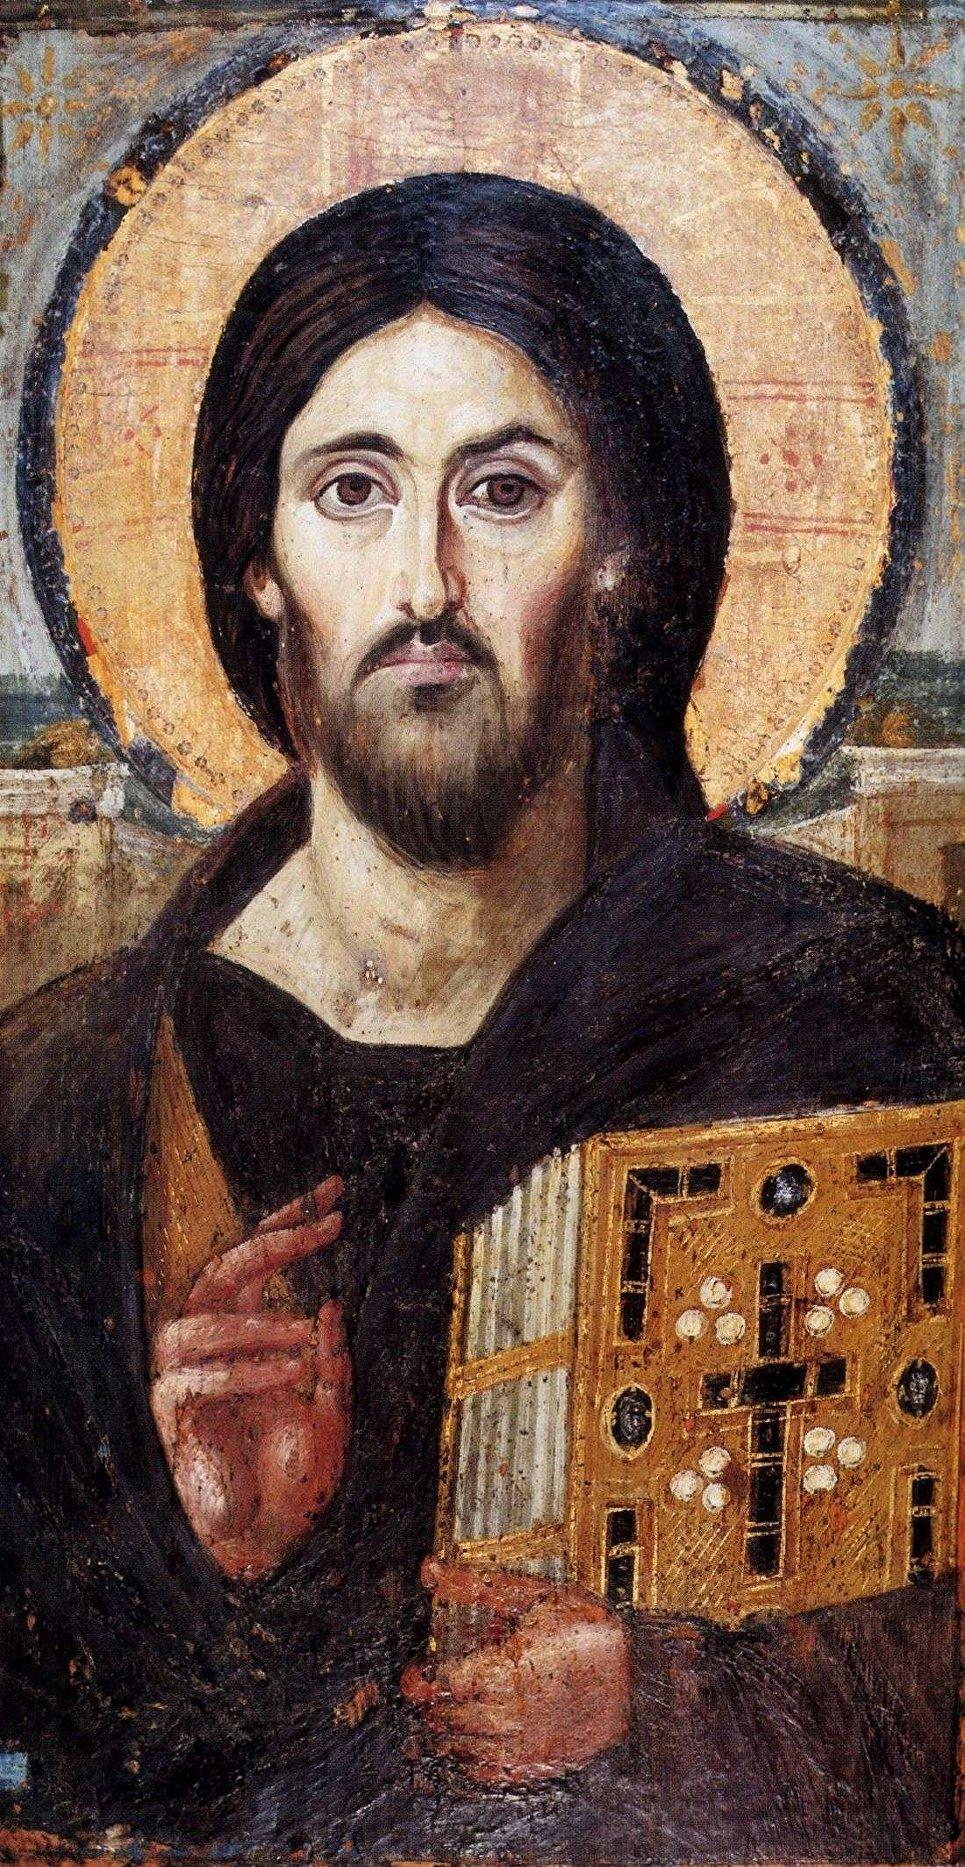 Энкаустическая икона Христос Пантократор из Синайского монастыря